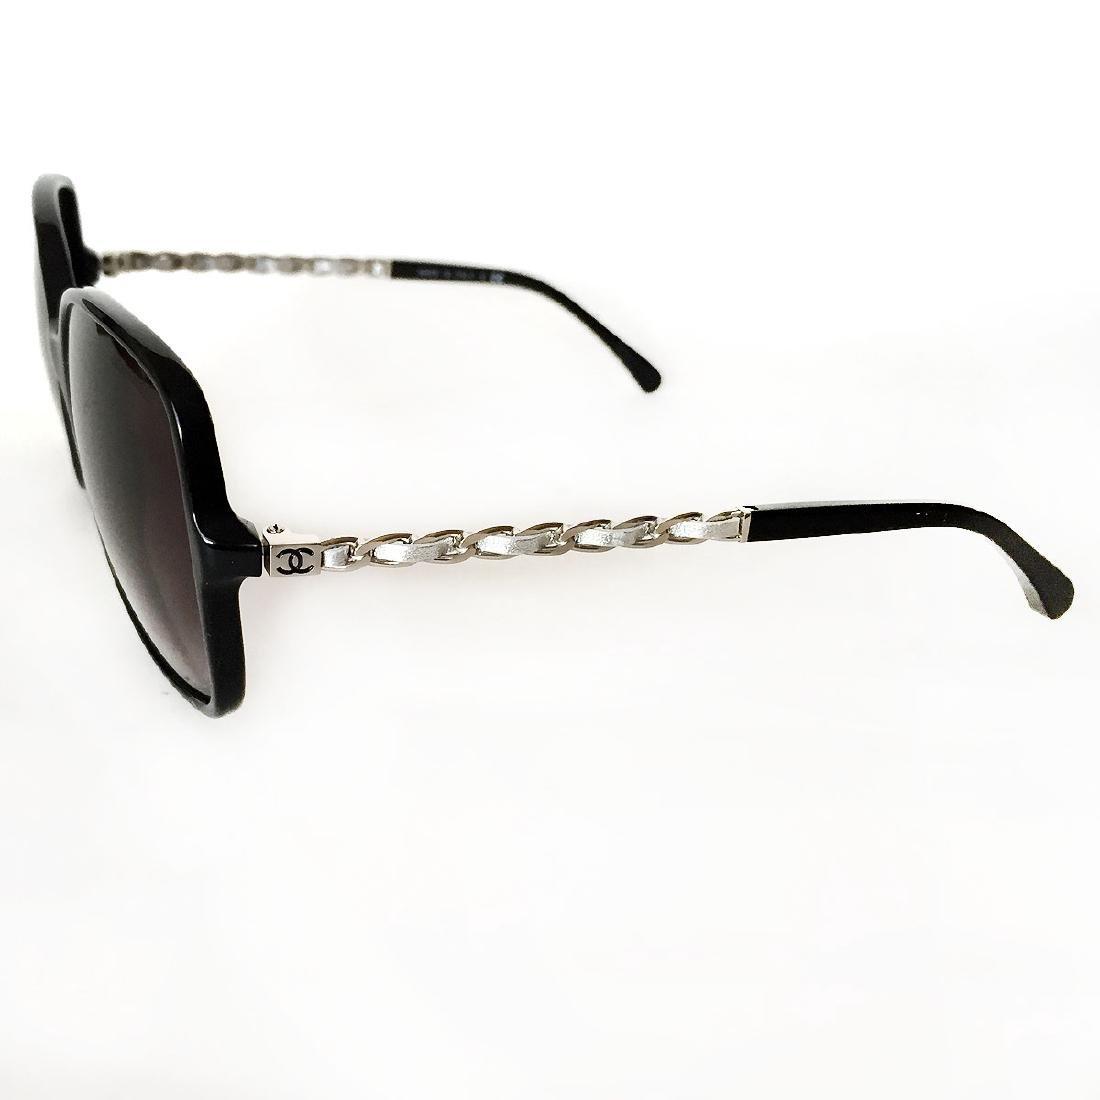 CHANEL: Authentic sunglasses model #5210-Q col.1074/S6